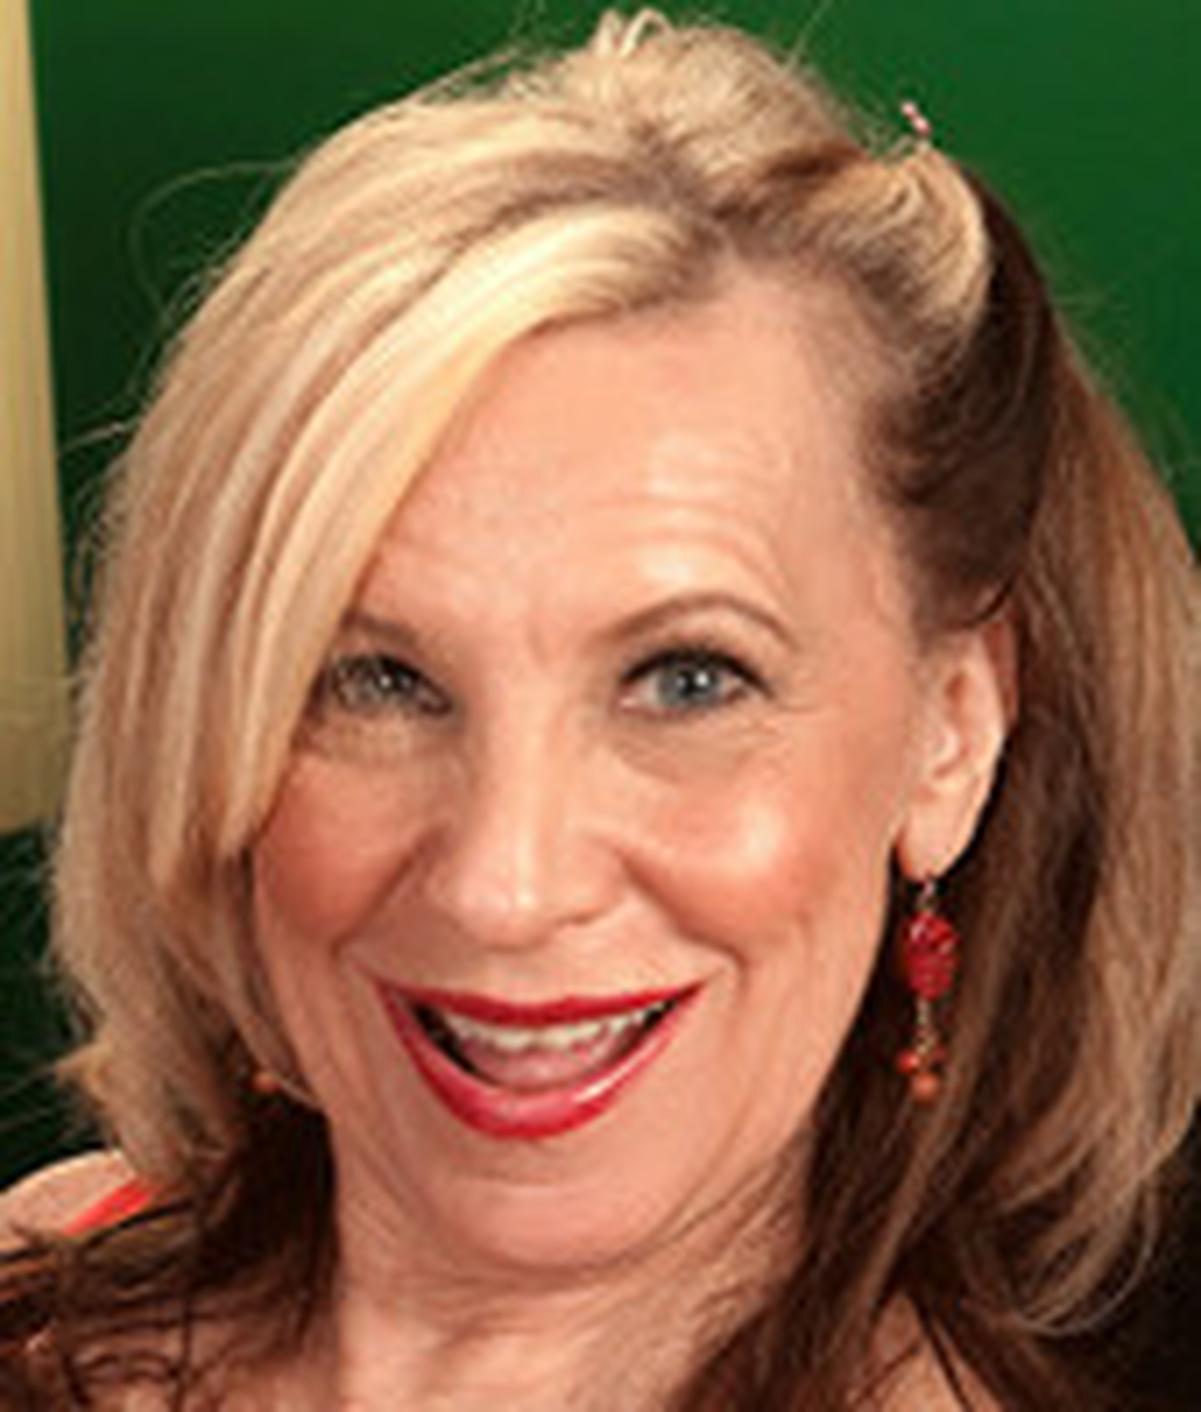 Miranda Torri